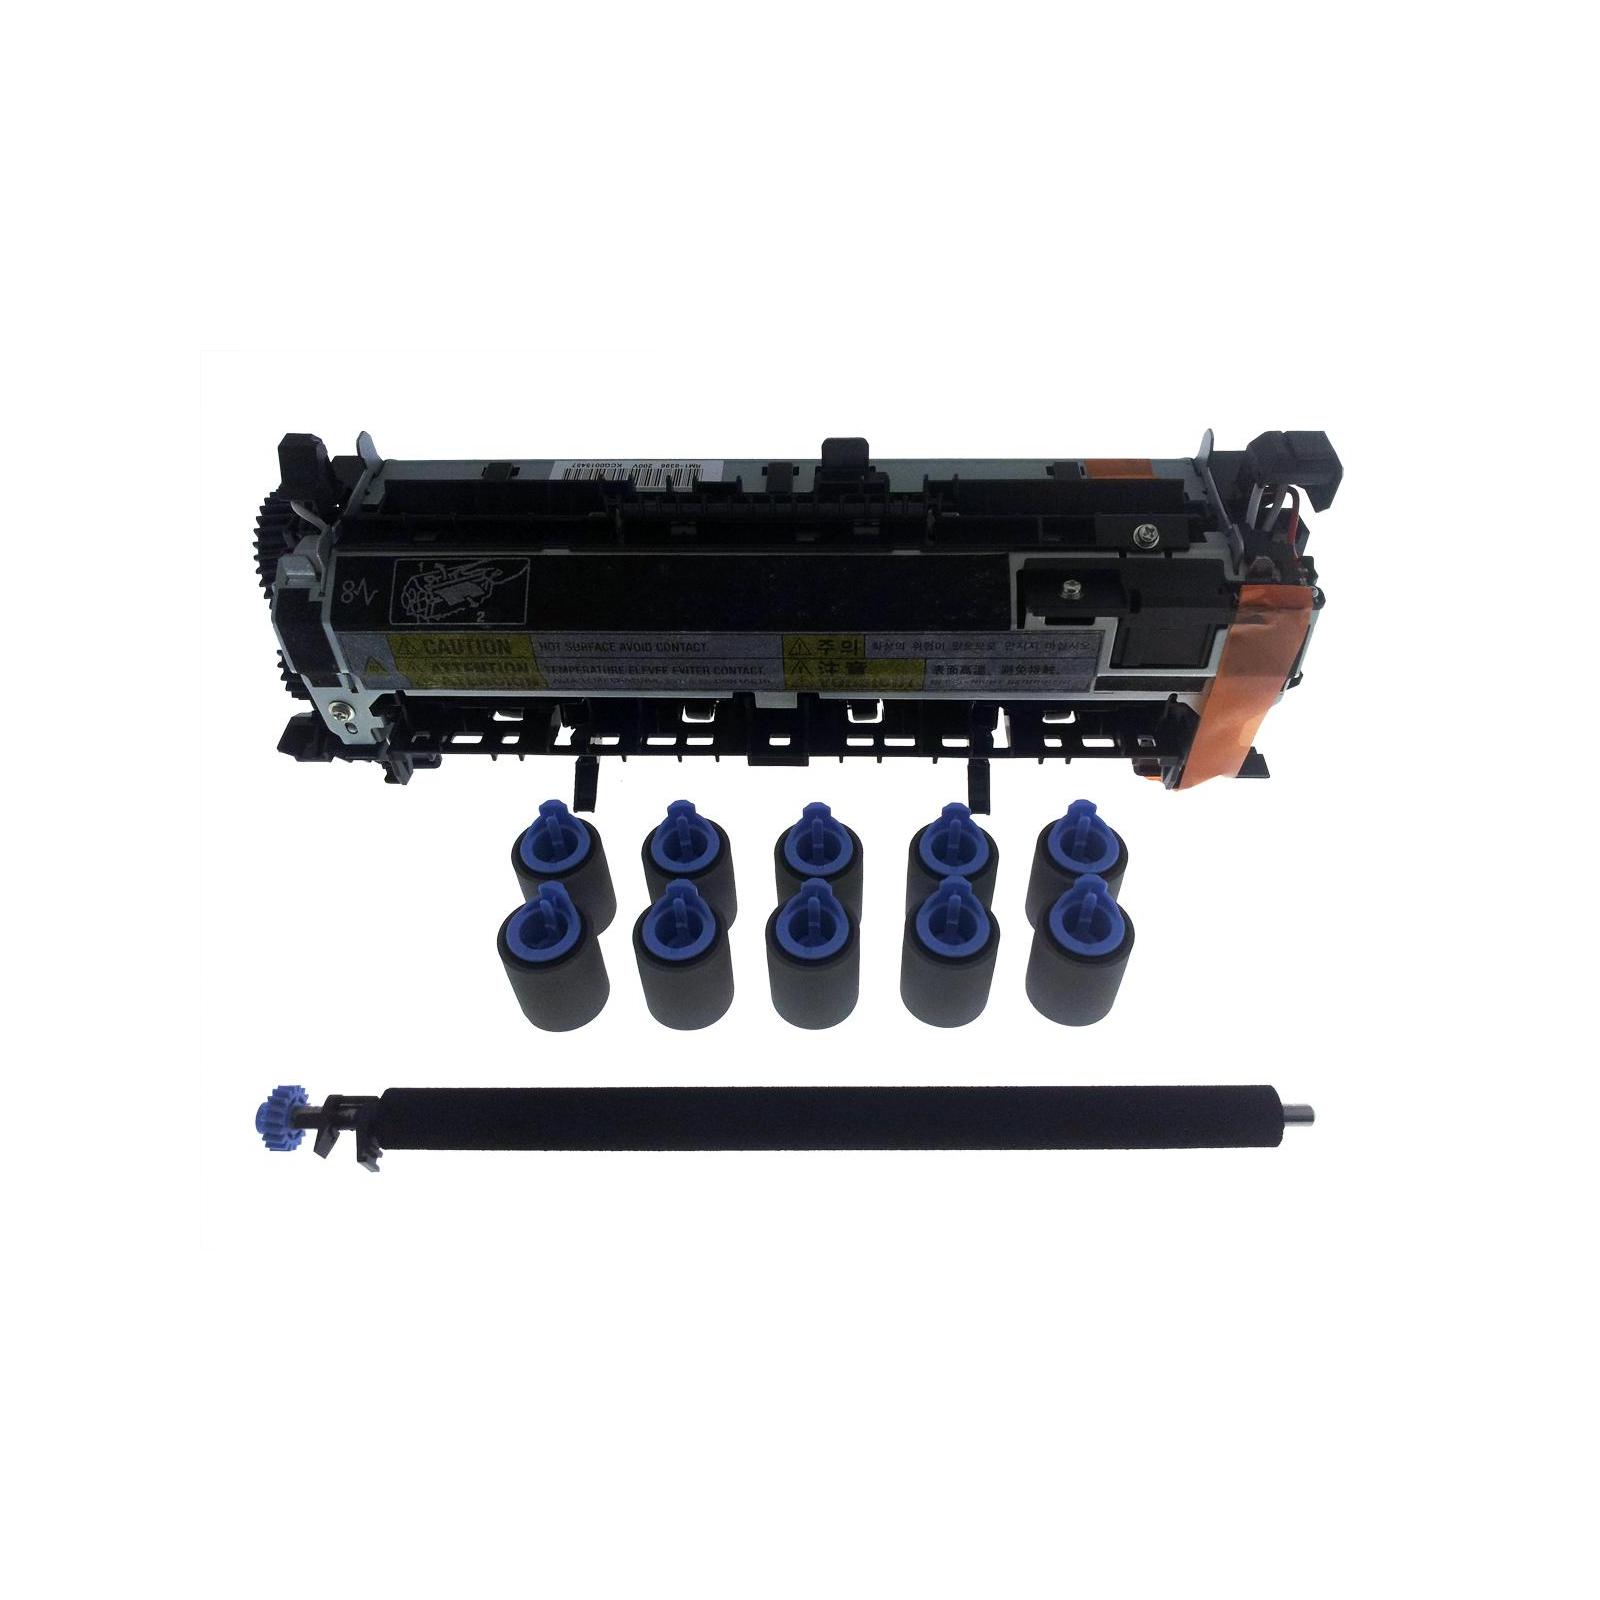 Ремкомплект HP Maintenance Kit LJ M601/602/603 (cf065-67901bulk)